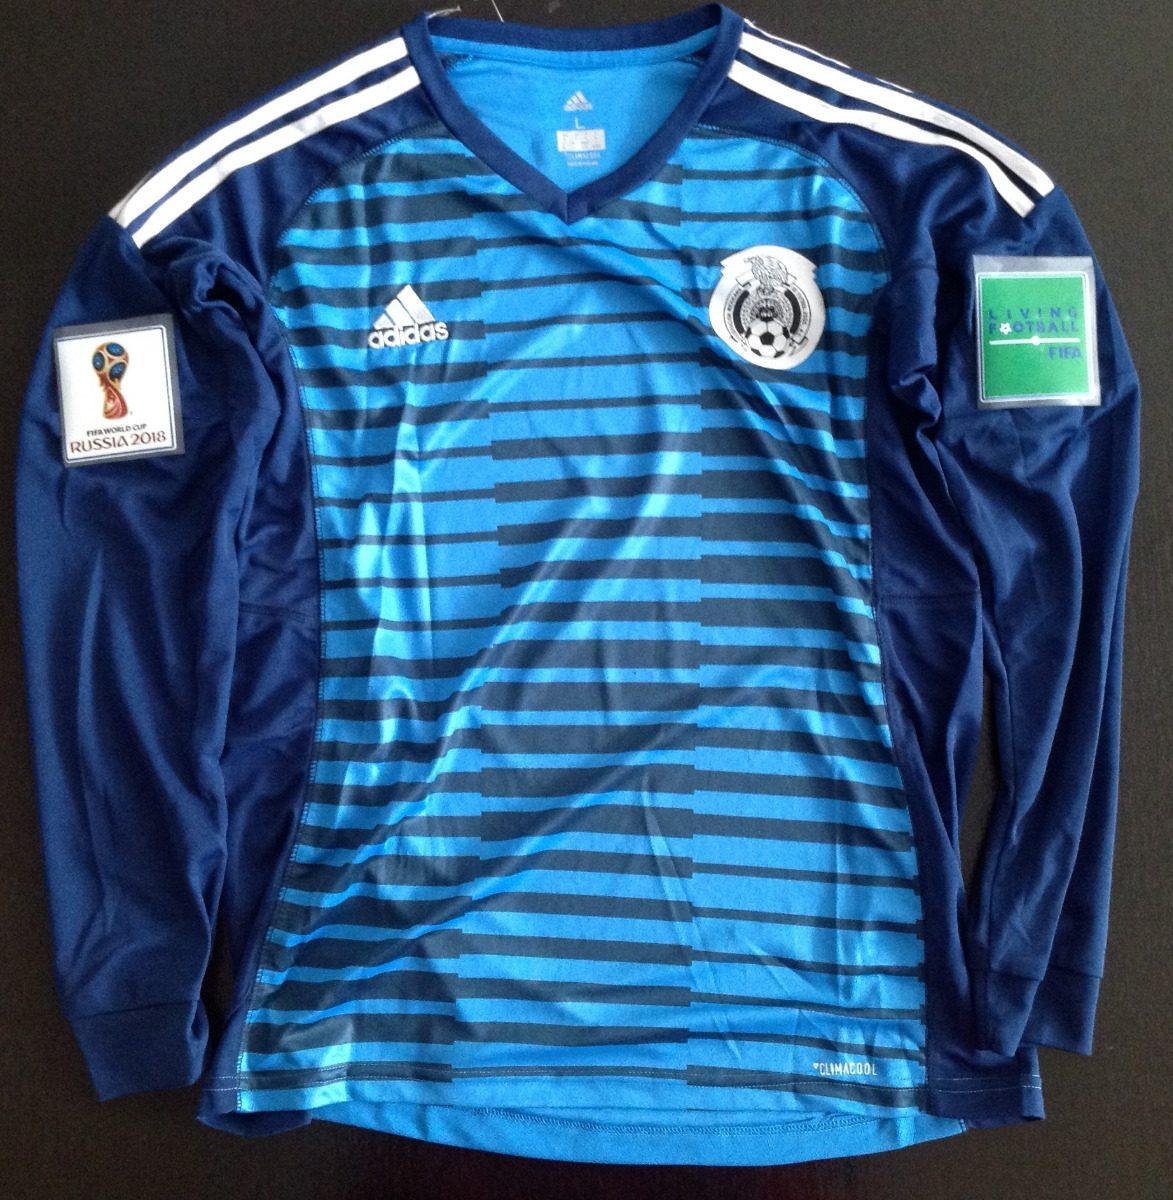 0b5b8d2752cd9 Fabuloso jersey mexico portero azul manga larga parches cargando zoom jpg  1173x1200 Jersey portero de mexico